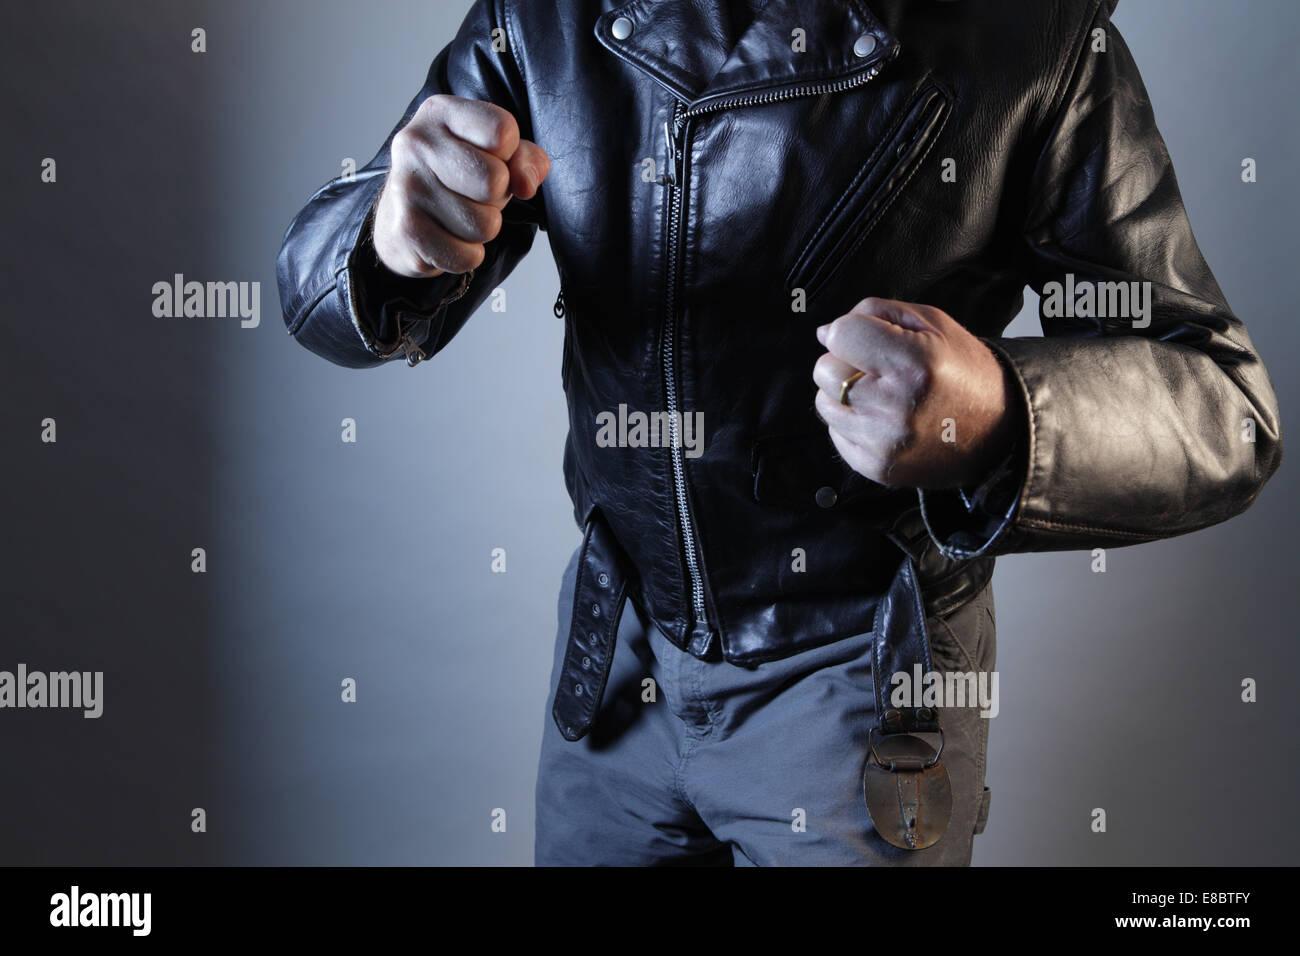 Amenazando con violencia masculina con puños torso mostrado Imagen De Stock